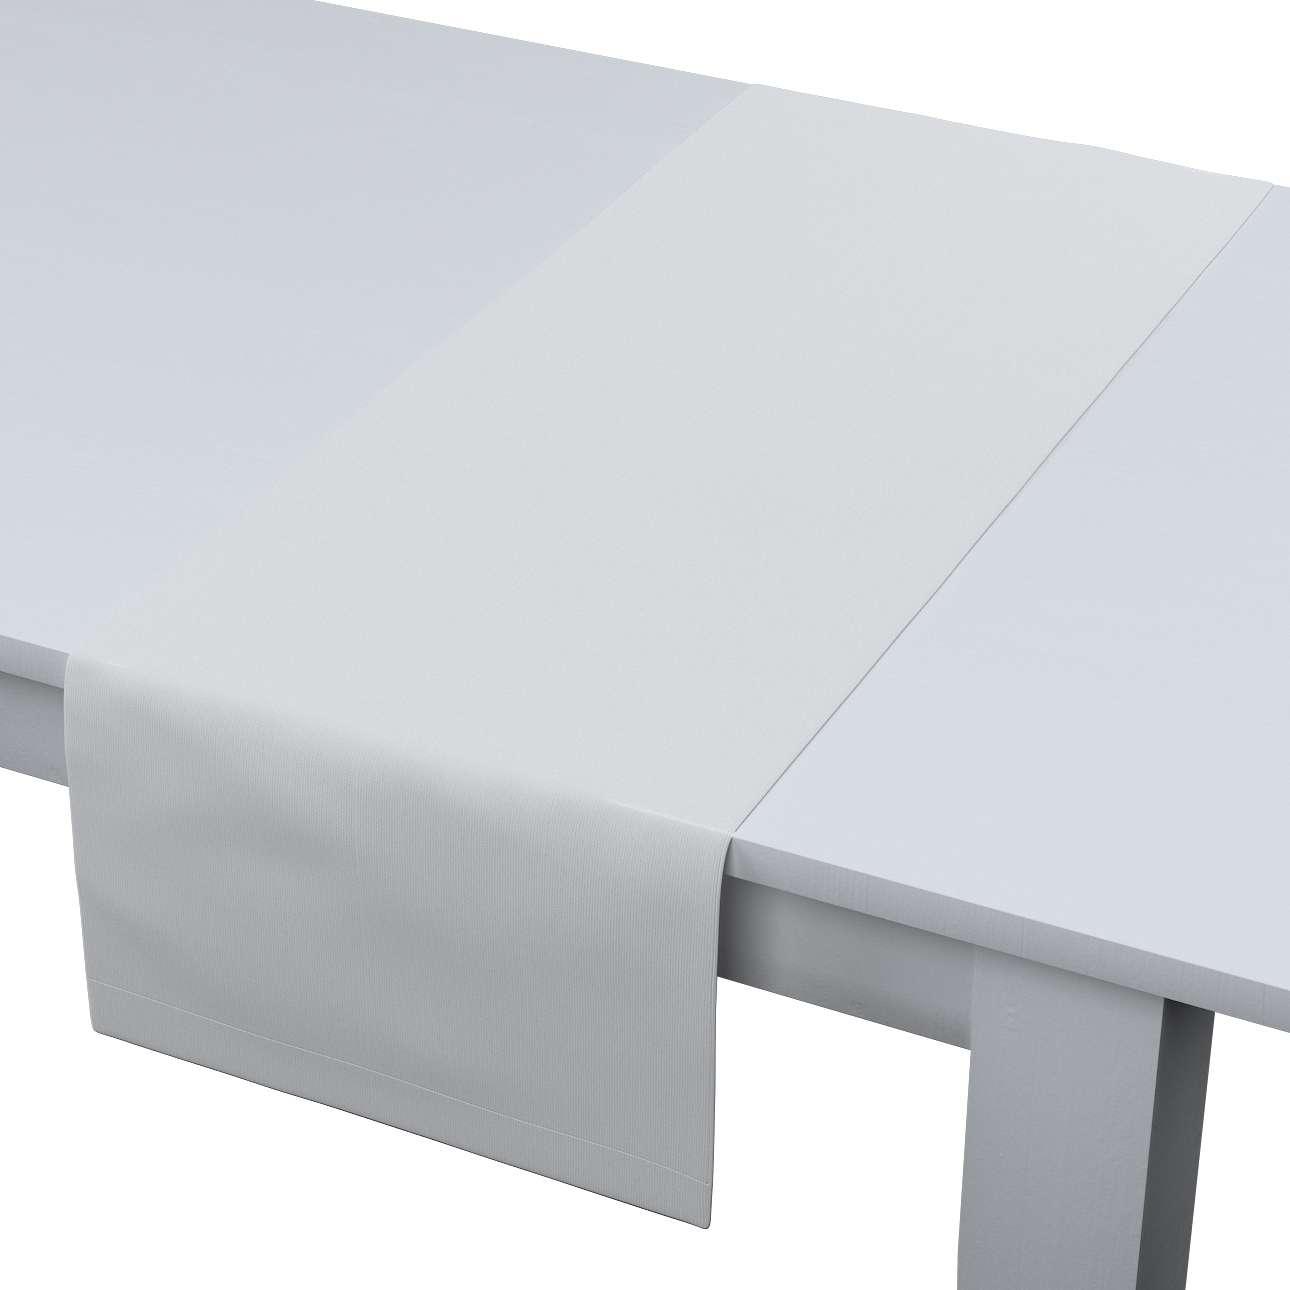 Bieżnik prostokątny 40x130 cm w kolekcji Loneta, tkanina: 133-02